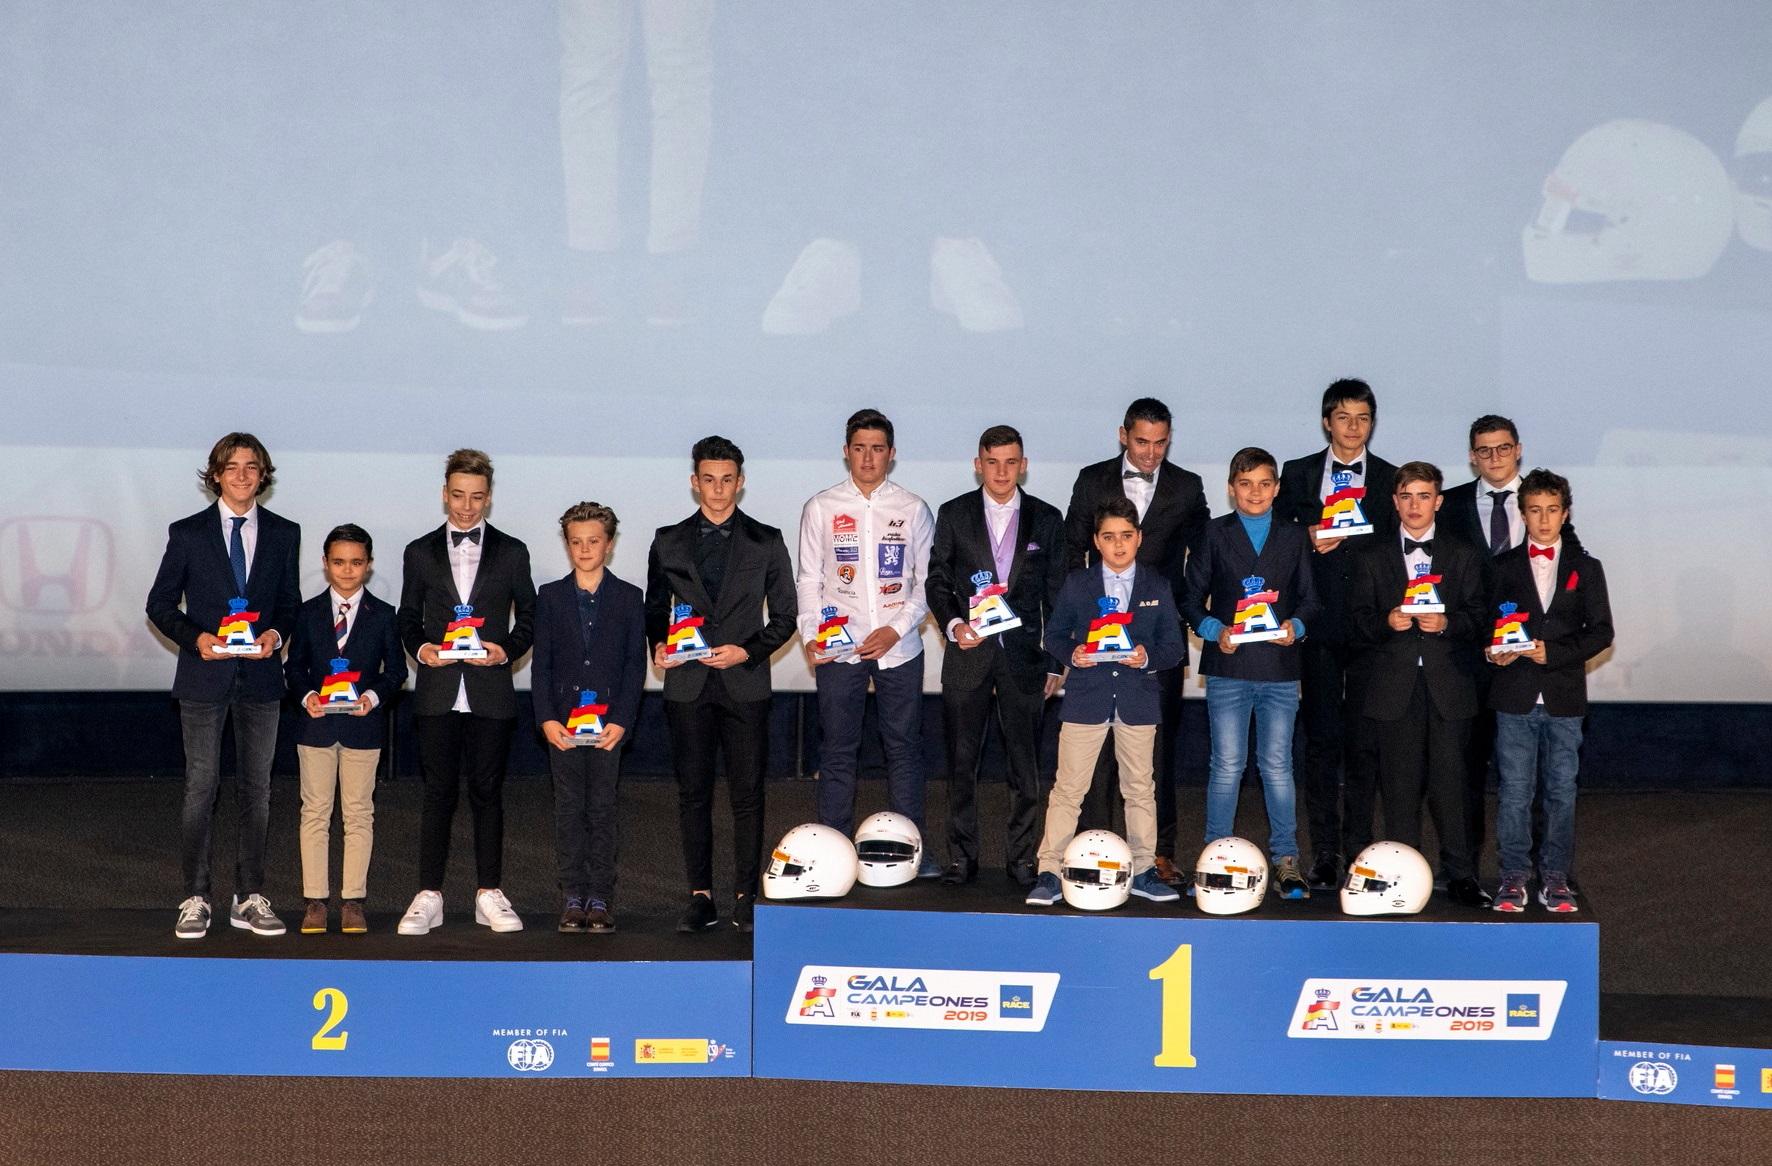 El karting en la Gala de Campeones RFEdA 2019